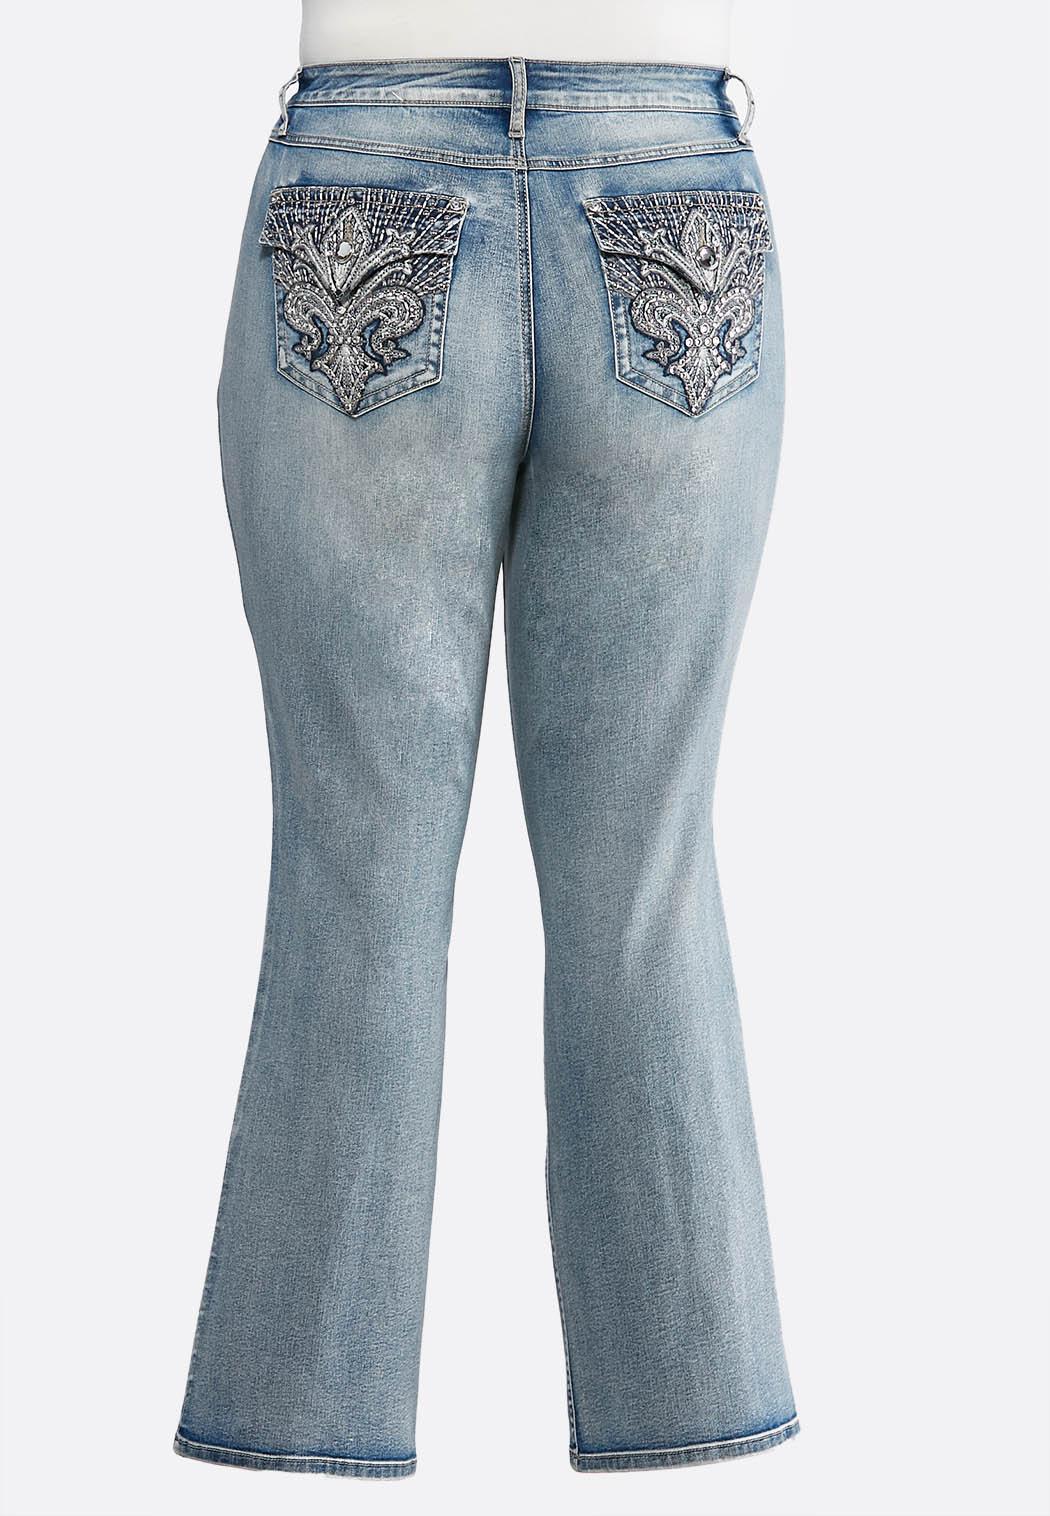 jeansgroesse-zierliche-strasssteine-harte-brueste-lutschen-porno